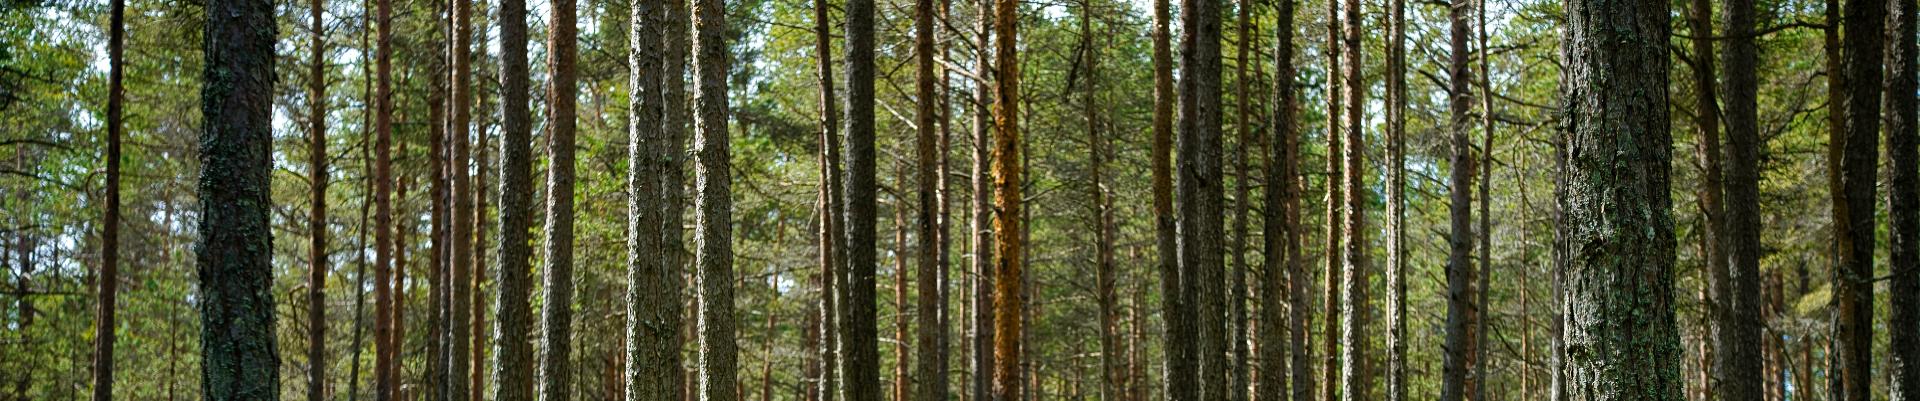 Stora Enso on maailmaturul juhtiv taastuvate lahenduste pakkuja pakendamise, biomaterjalide, puitkonstruktsioonide ja paberi vallas, olles osa biomajandusest